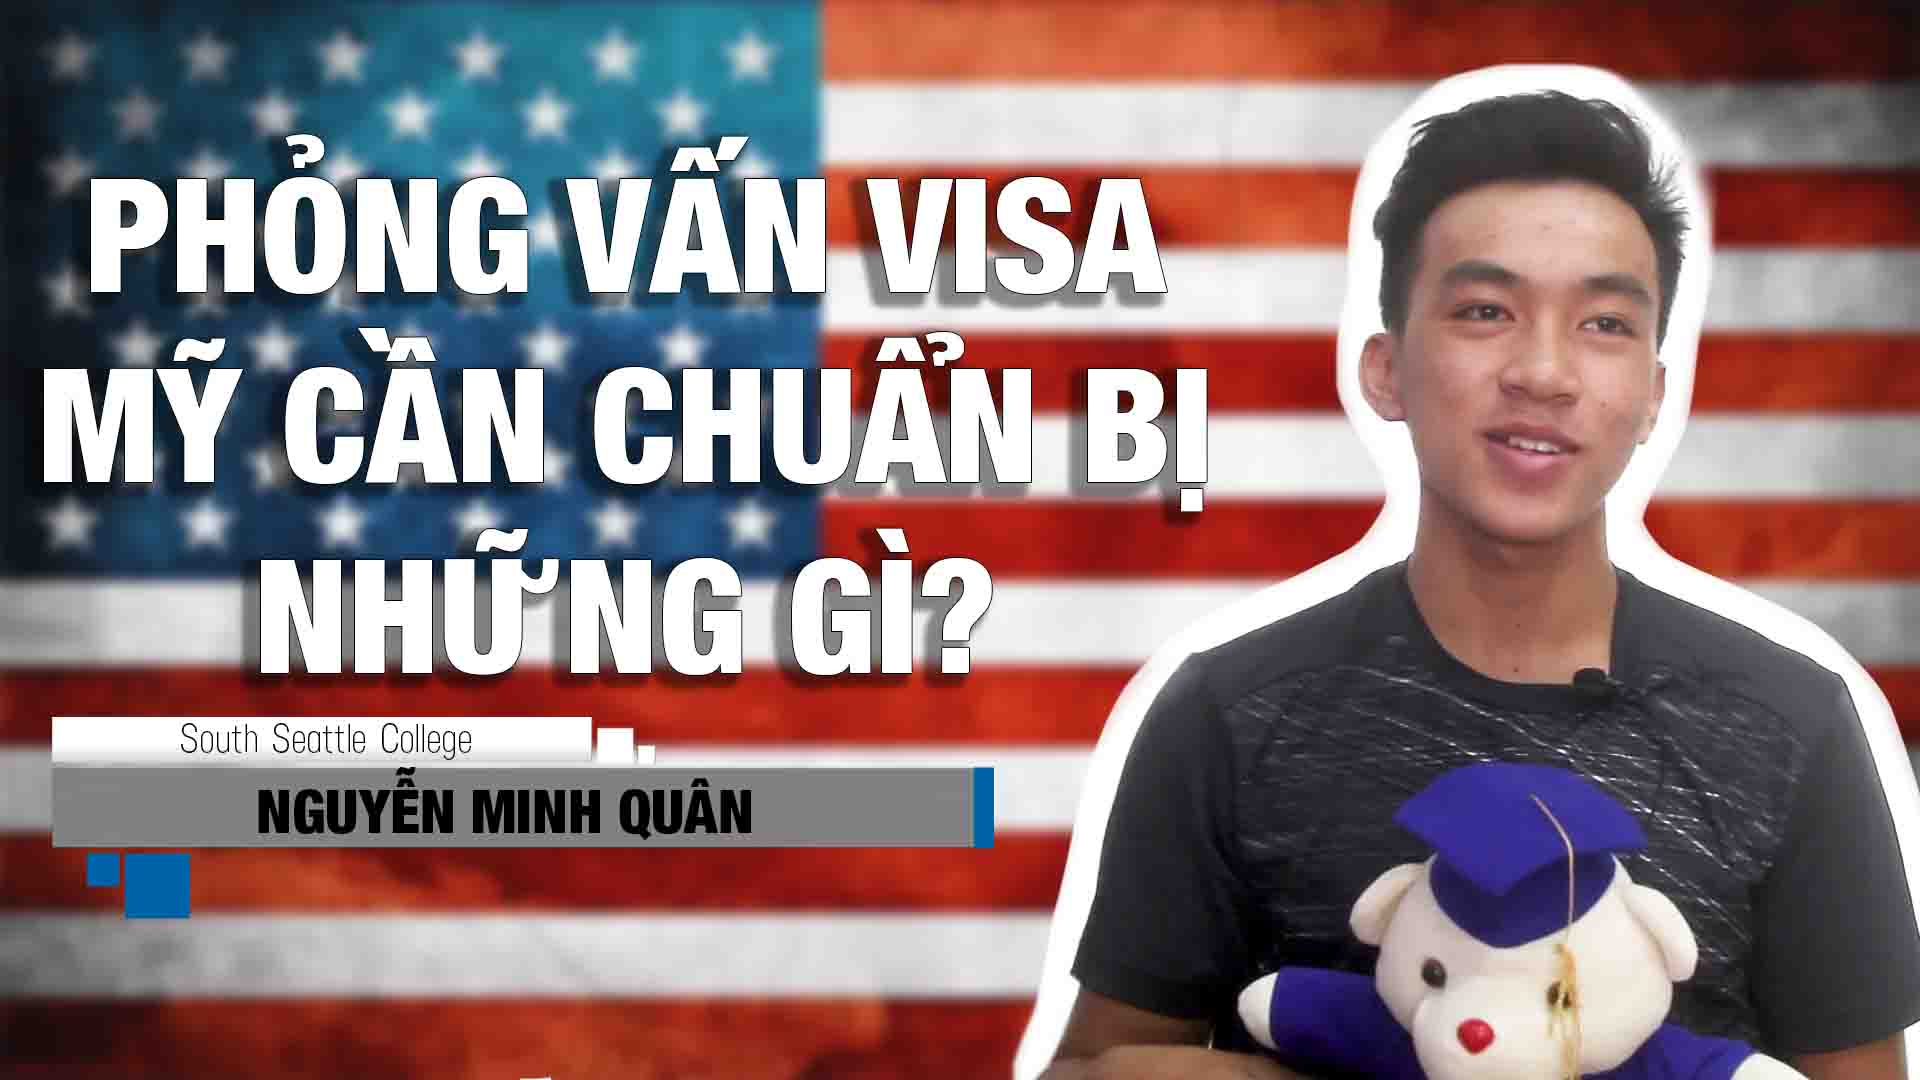 Bạn Nguyễn Minh Quân đã chuẩn bị những gì để đậu được VISA Mỹ trong khi những người khác đều trượt? Lắng nghe chia sẻ của bạn nhé, bạn hiện đang học tại cao đẳng South Seattle đấy!